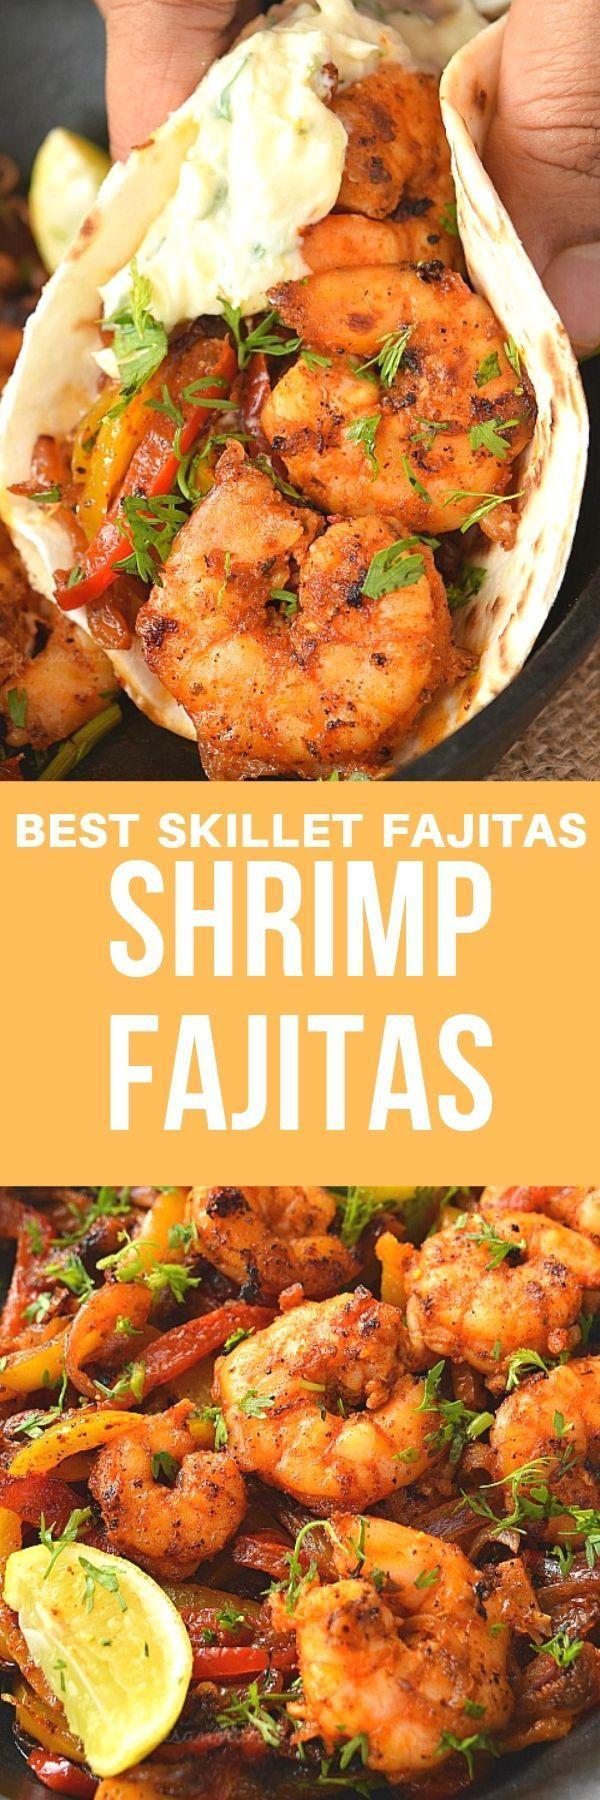 Shrimp Fajitas Rezept (Würzige Pfanne Shrimp Fajitas)